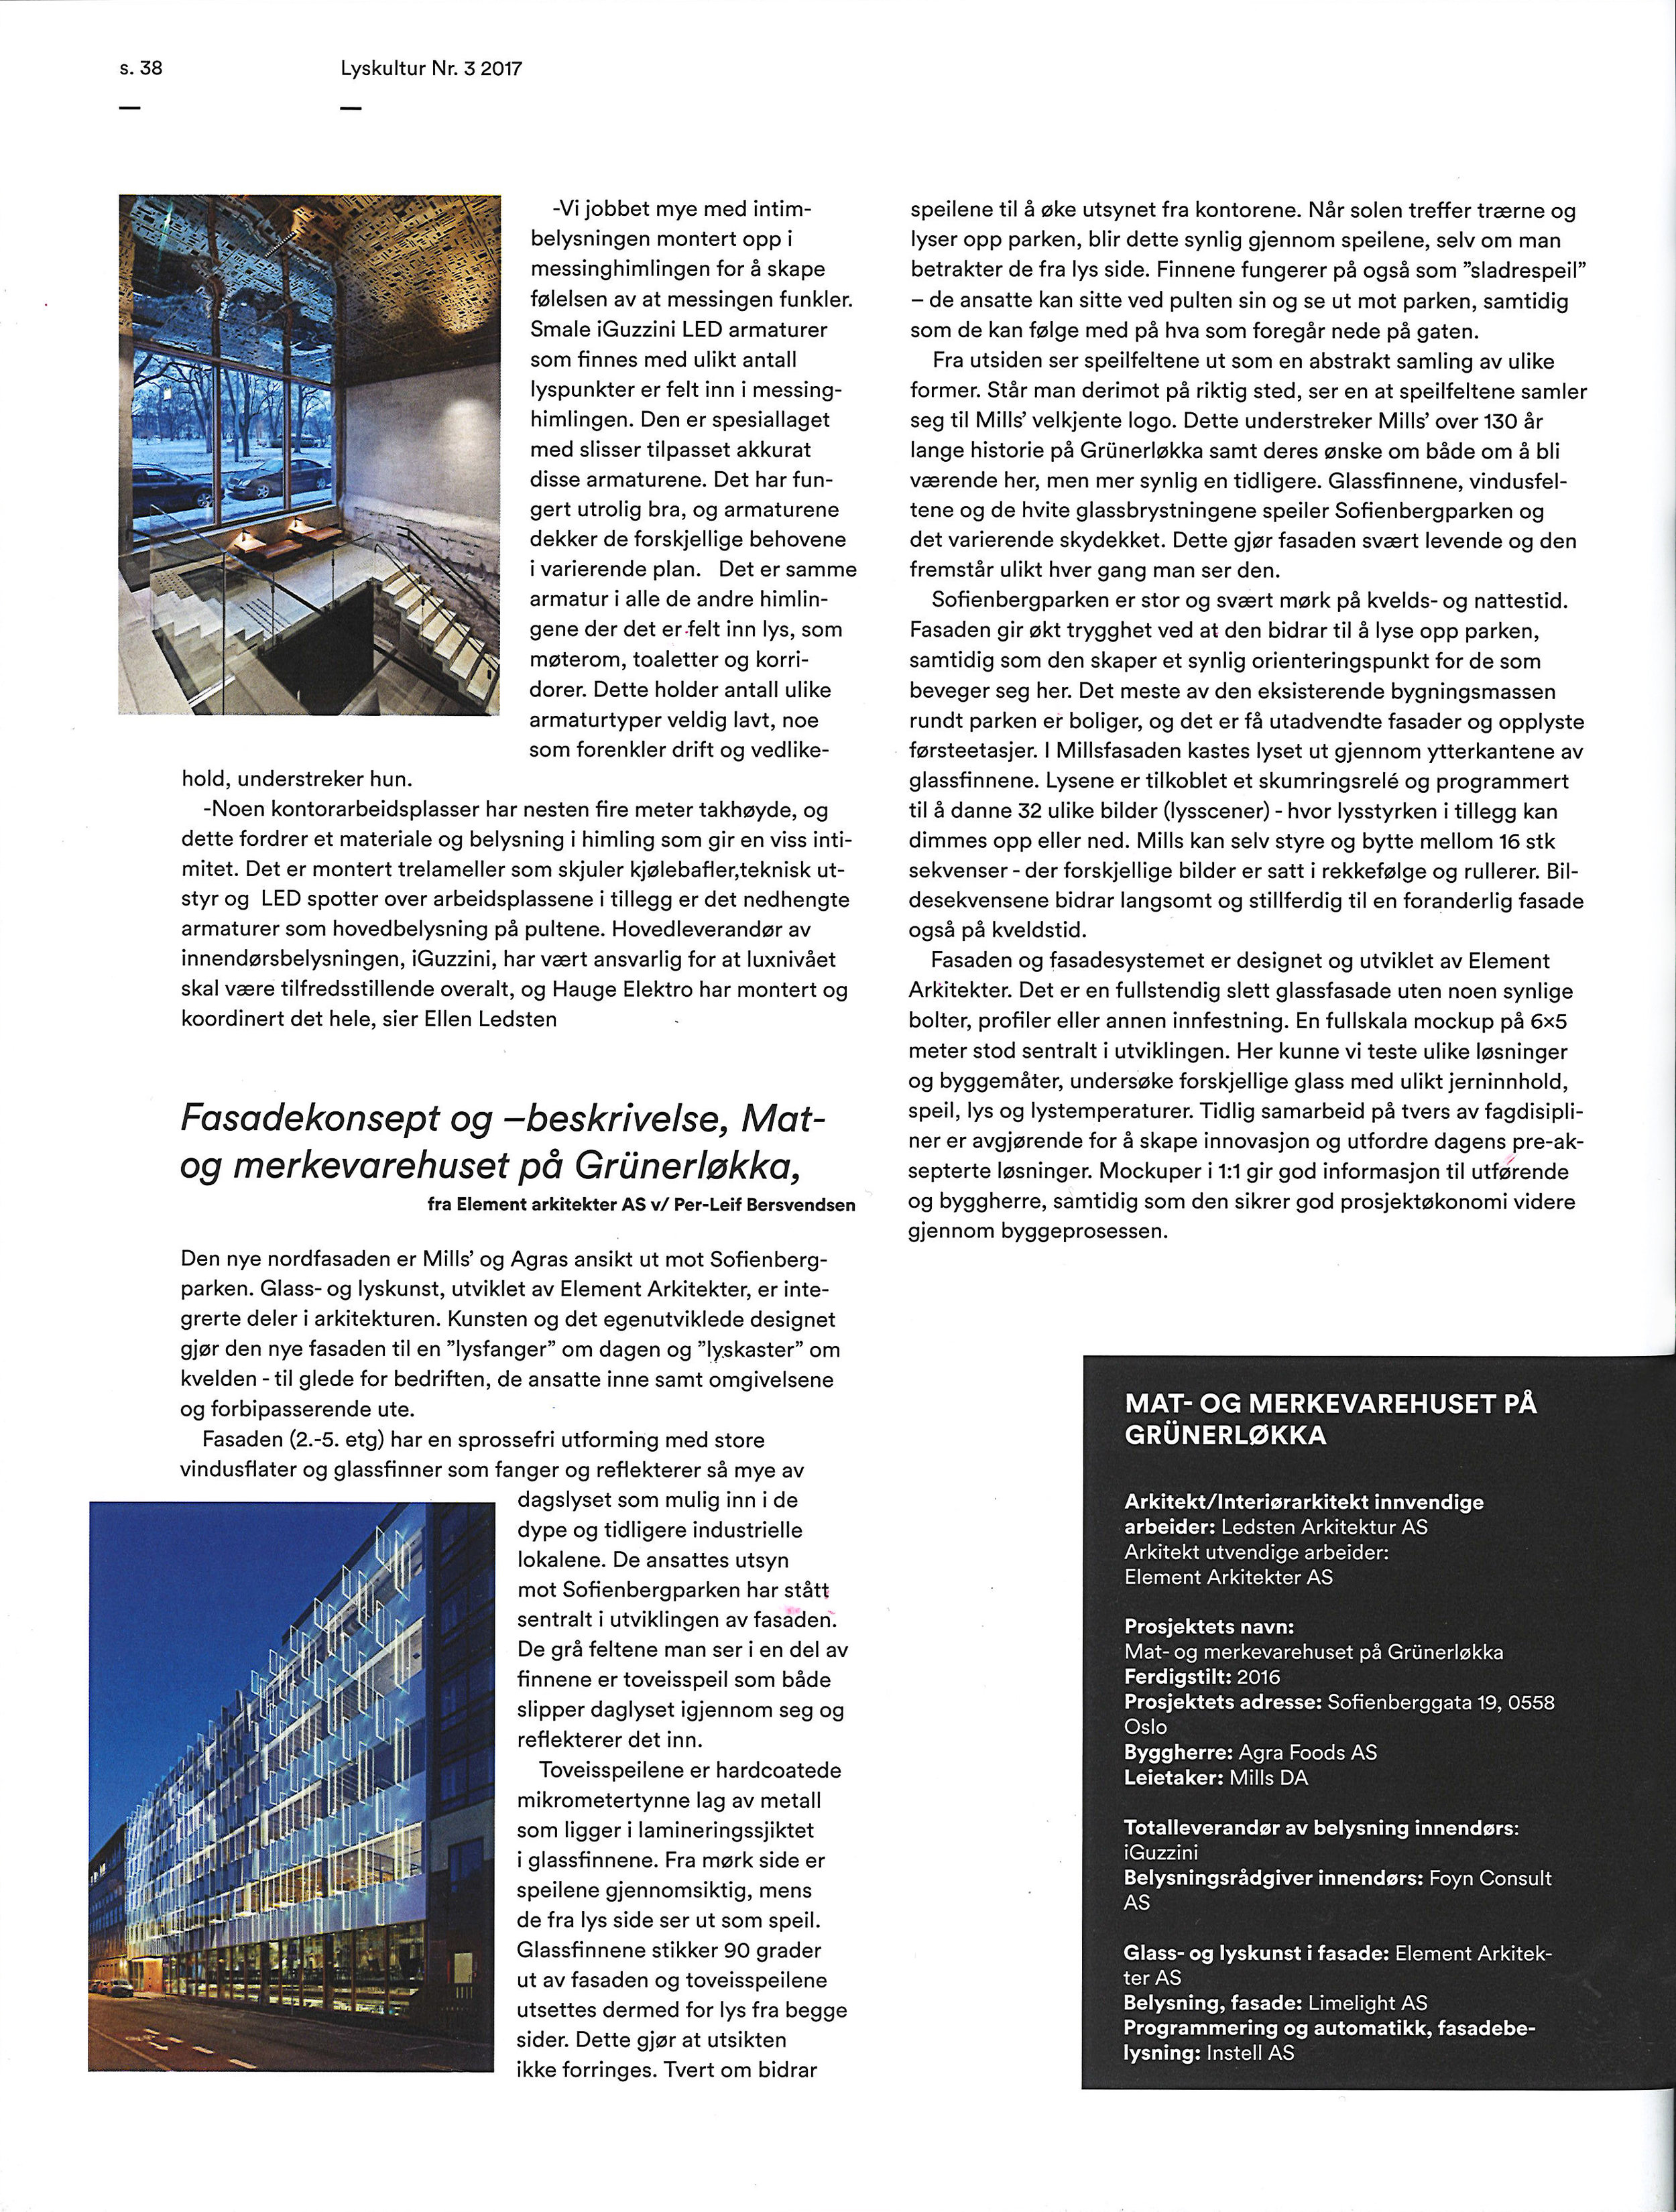 Lyskultur-Nr-3-2017-38.jpg